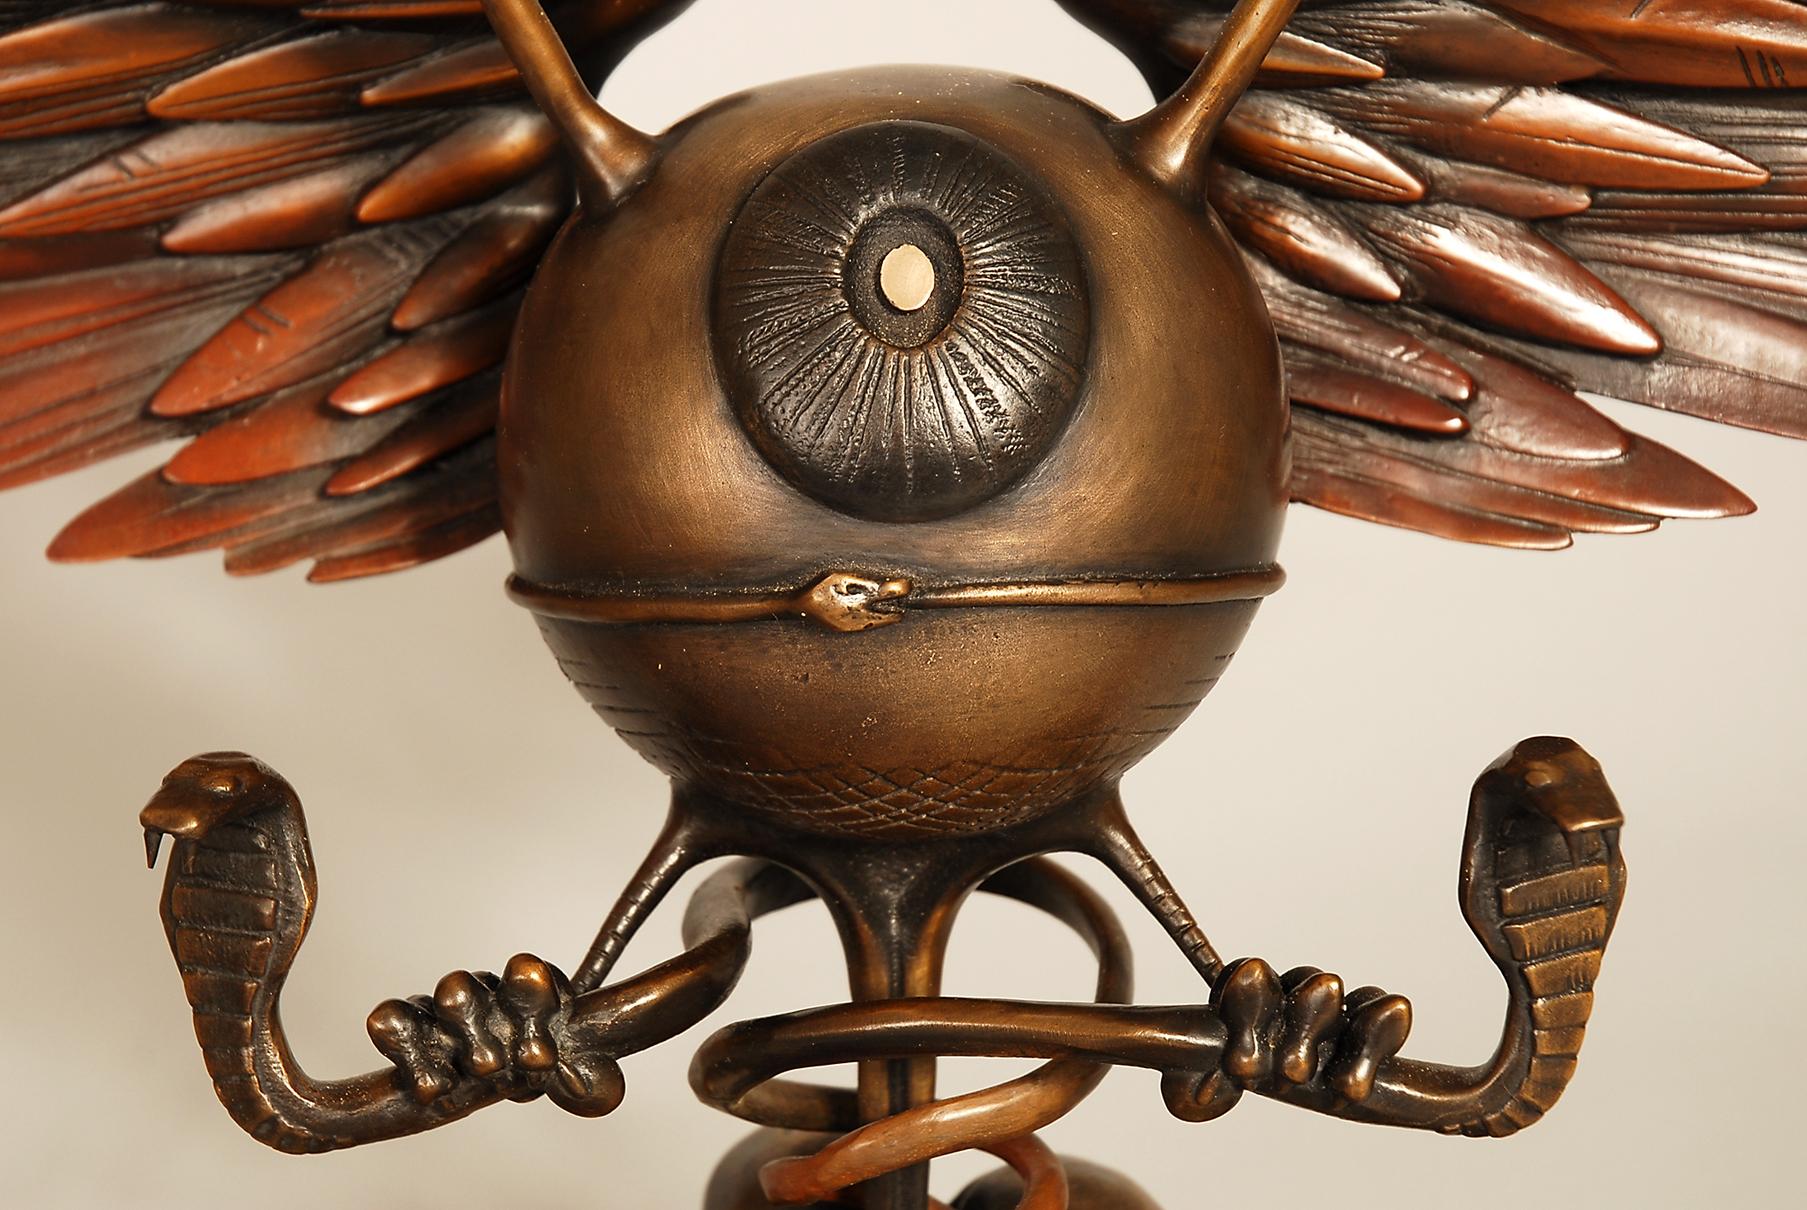 RG bronze eye